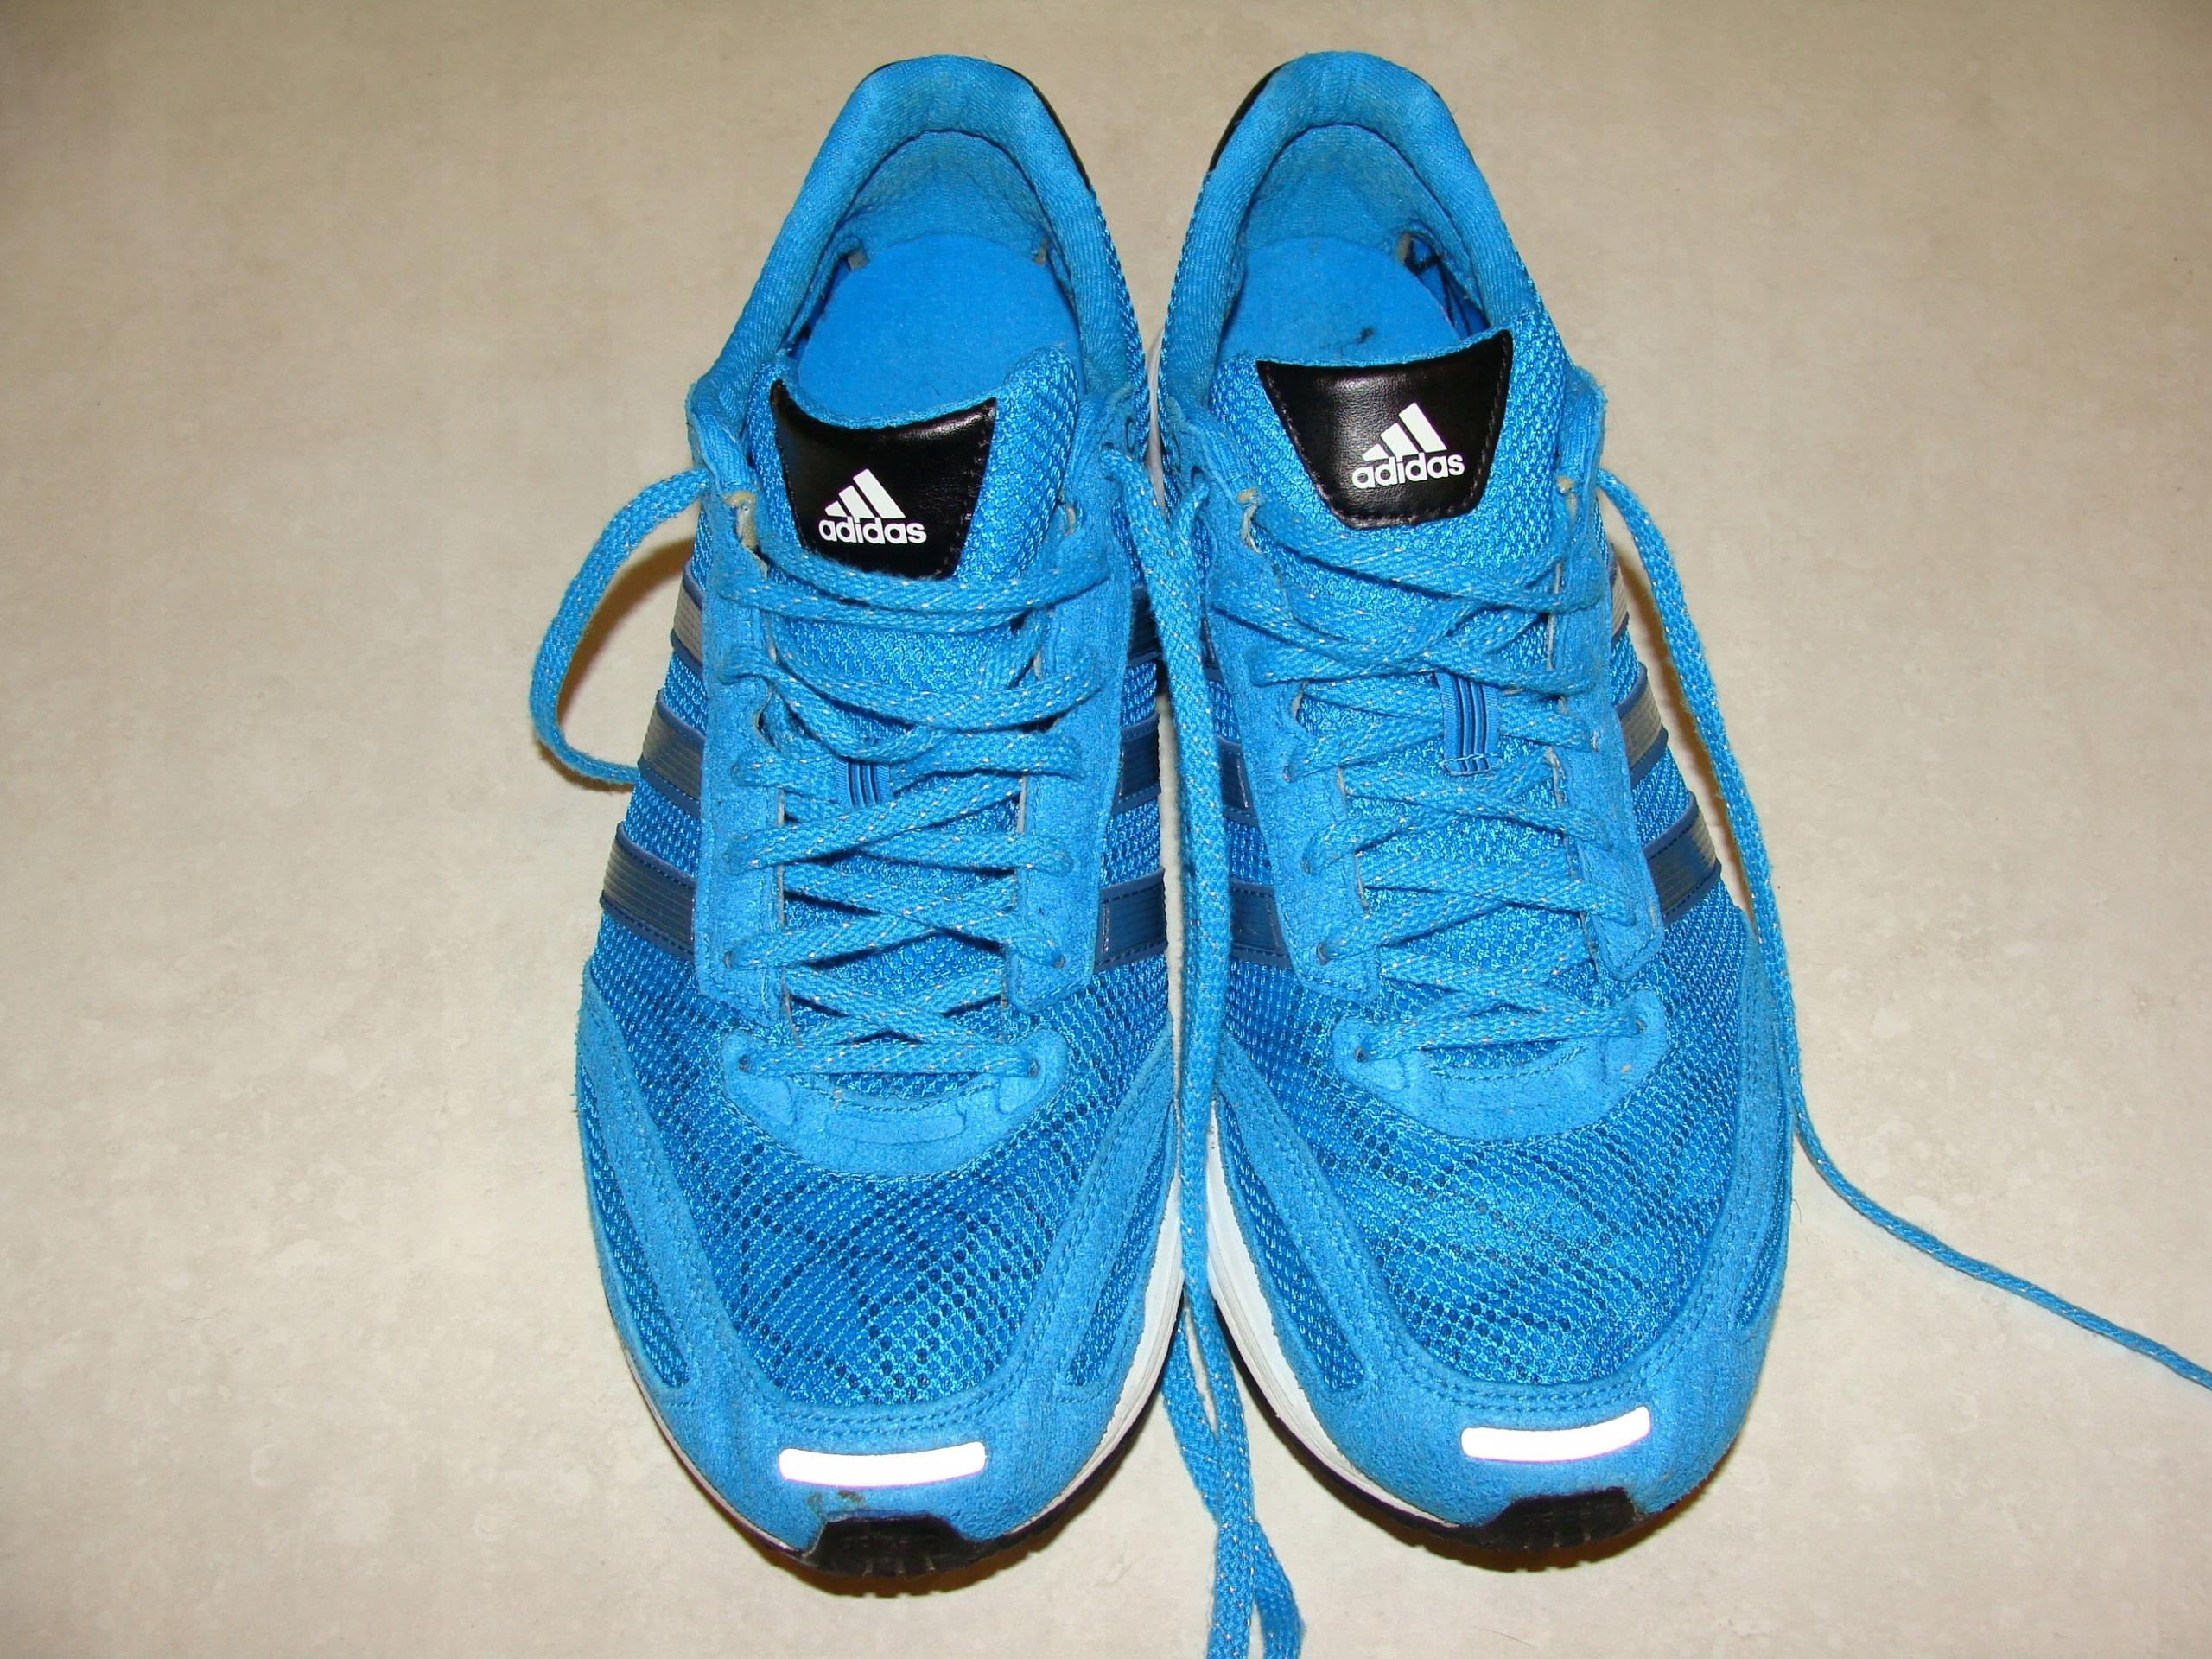 finest selection 775fc 3b25f BUTY BIEGOWE Adidas Adizero Adios 2 D65753 R.4513 (7525684528)